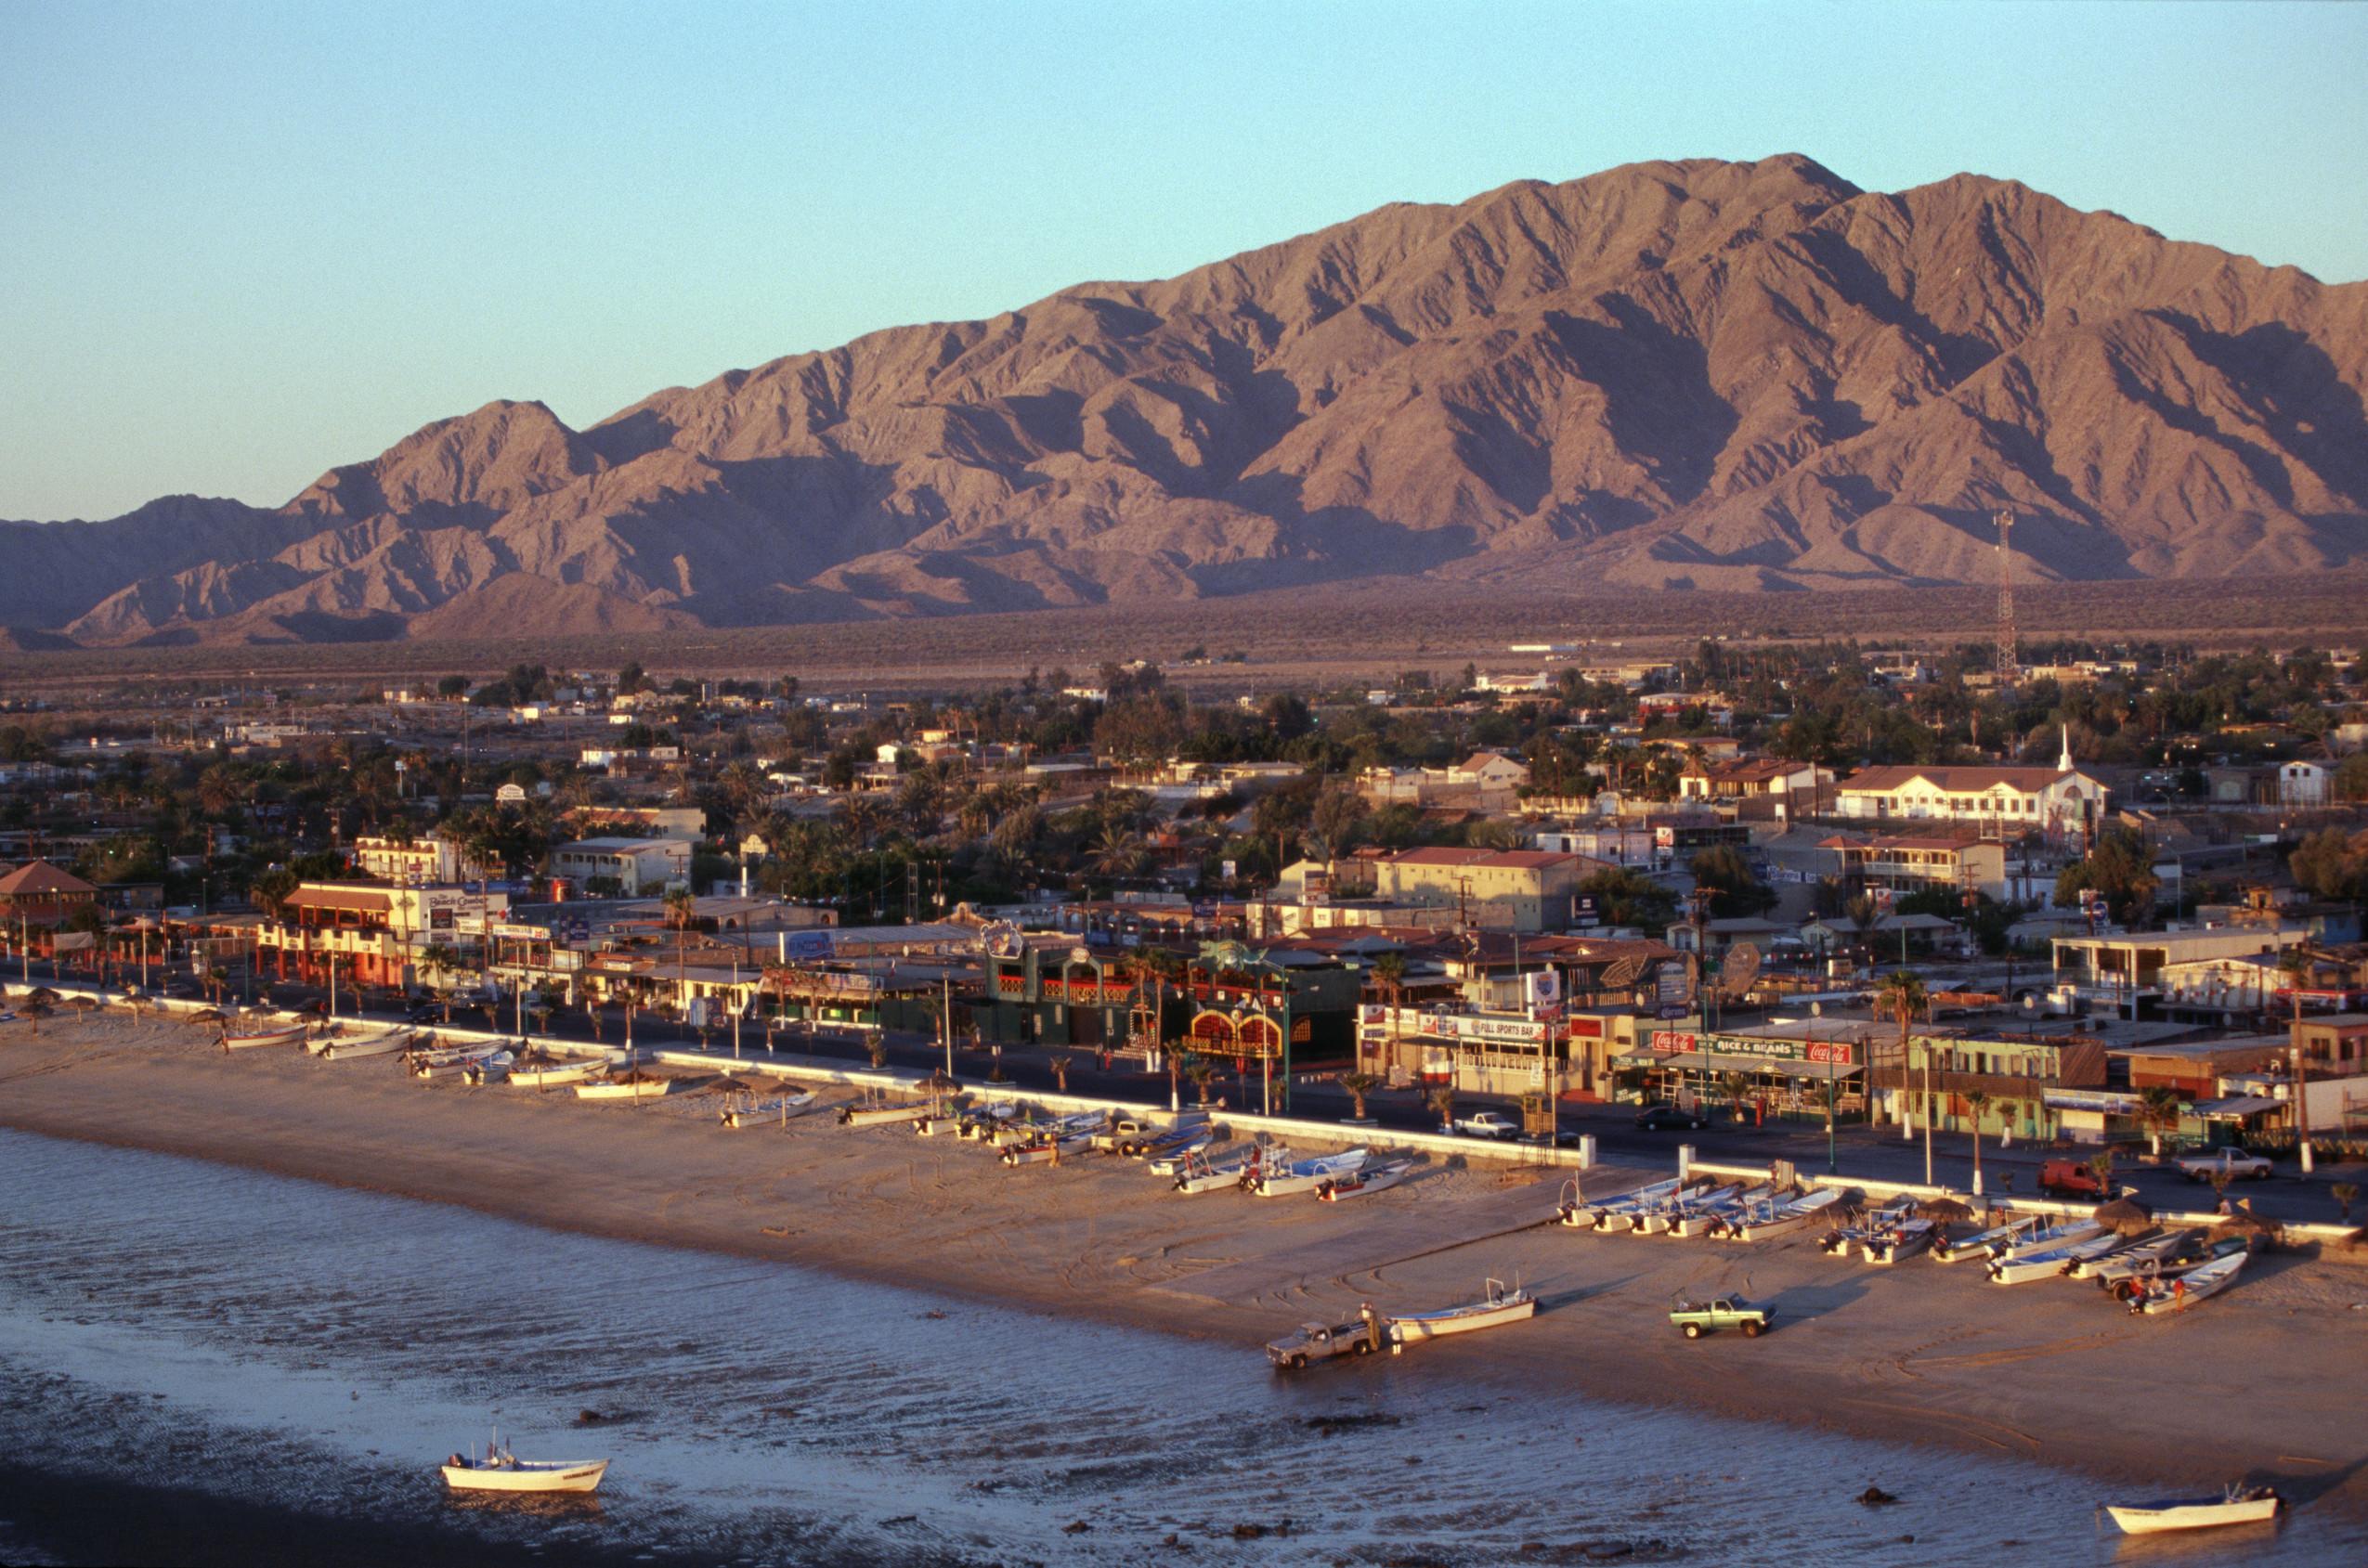 san felipe Sanfelipe - mlsbajacom, rosarito beach, baja california real estate listings, homes for sale your rosarito beach baja california real estate resource center, find mls listings, condos and.